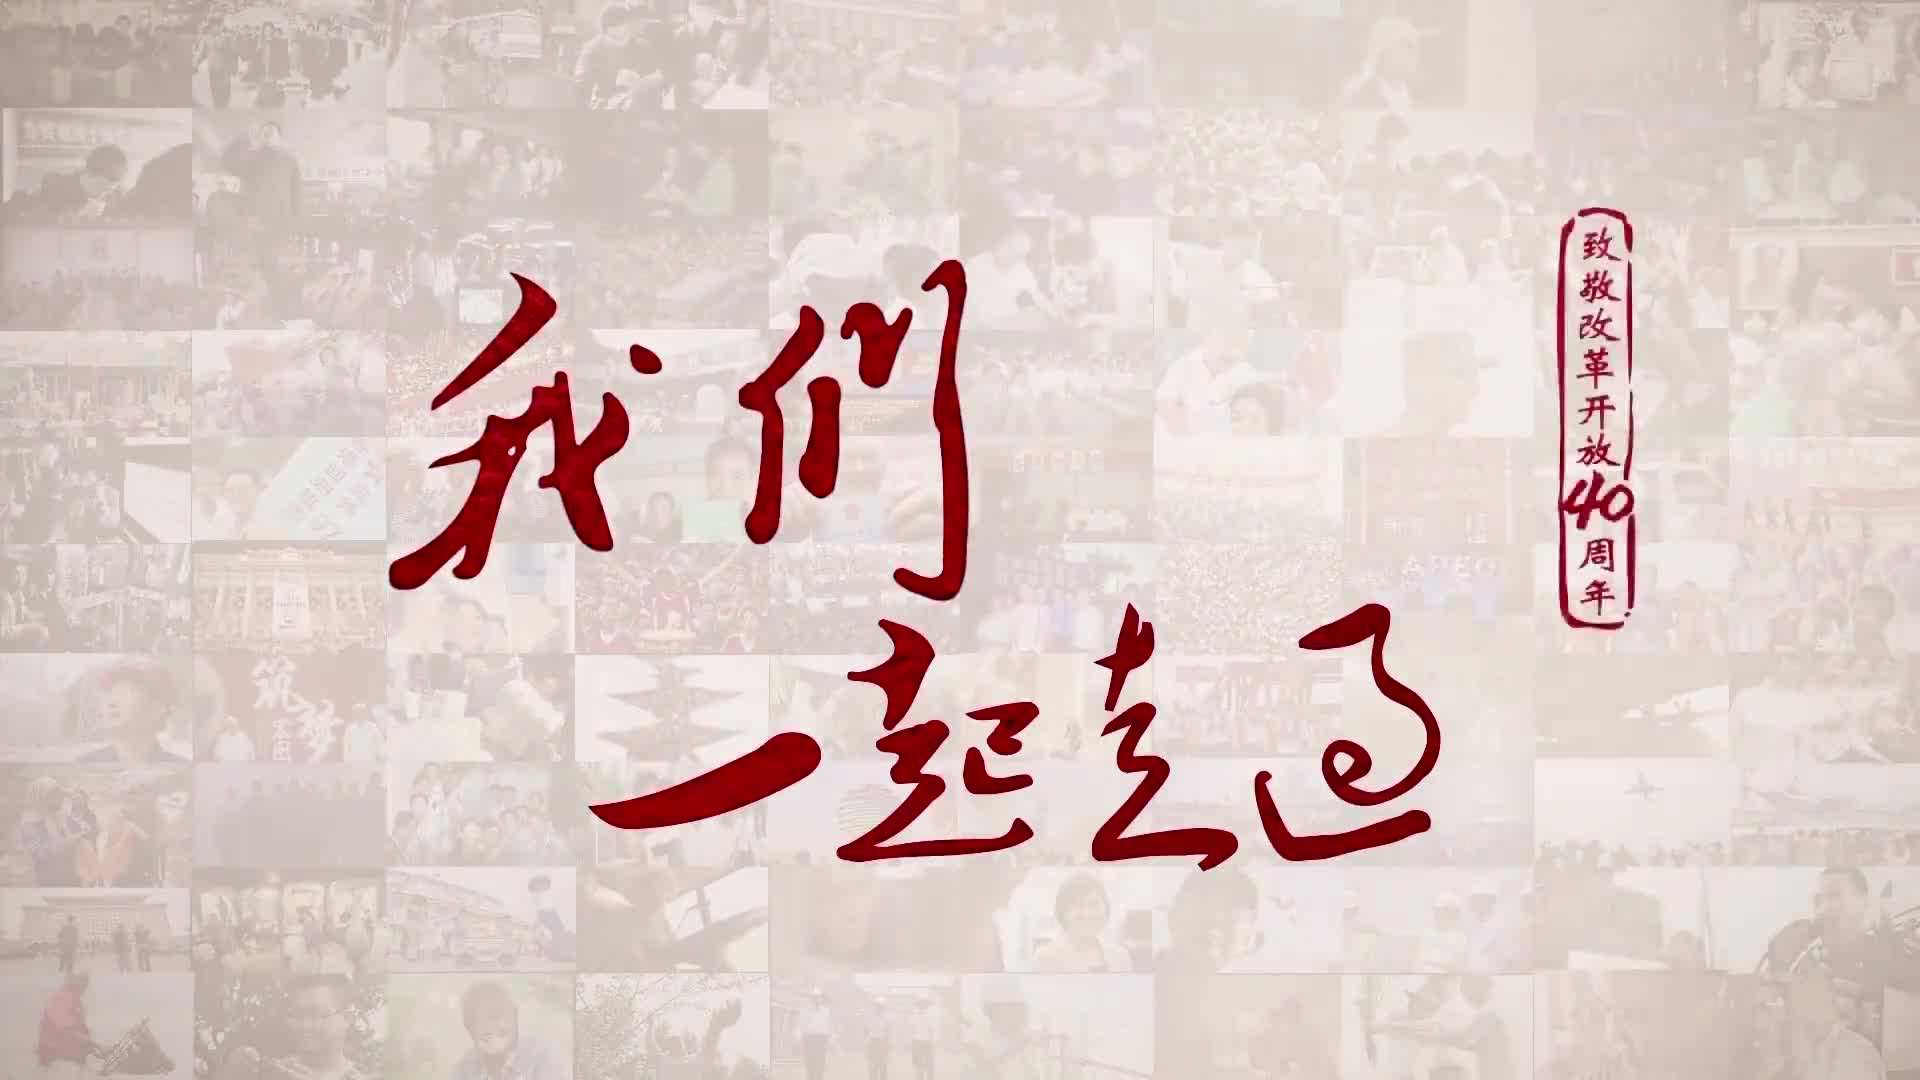 4分钟速览:大型电视纪录片《我们一起走过》第一集、第二集